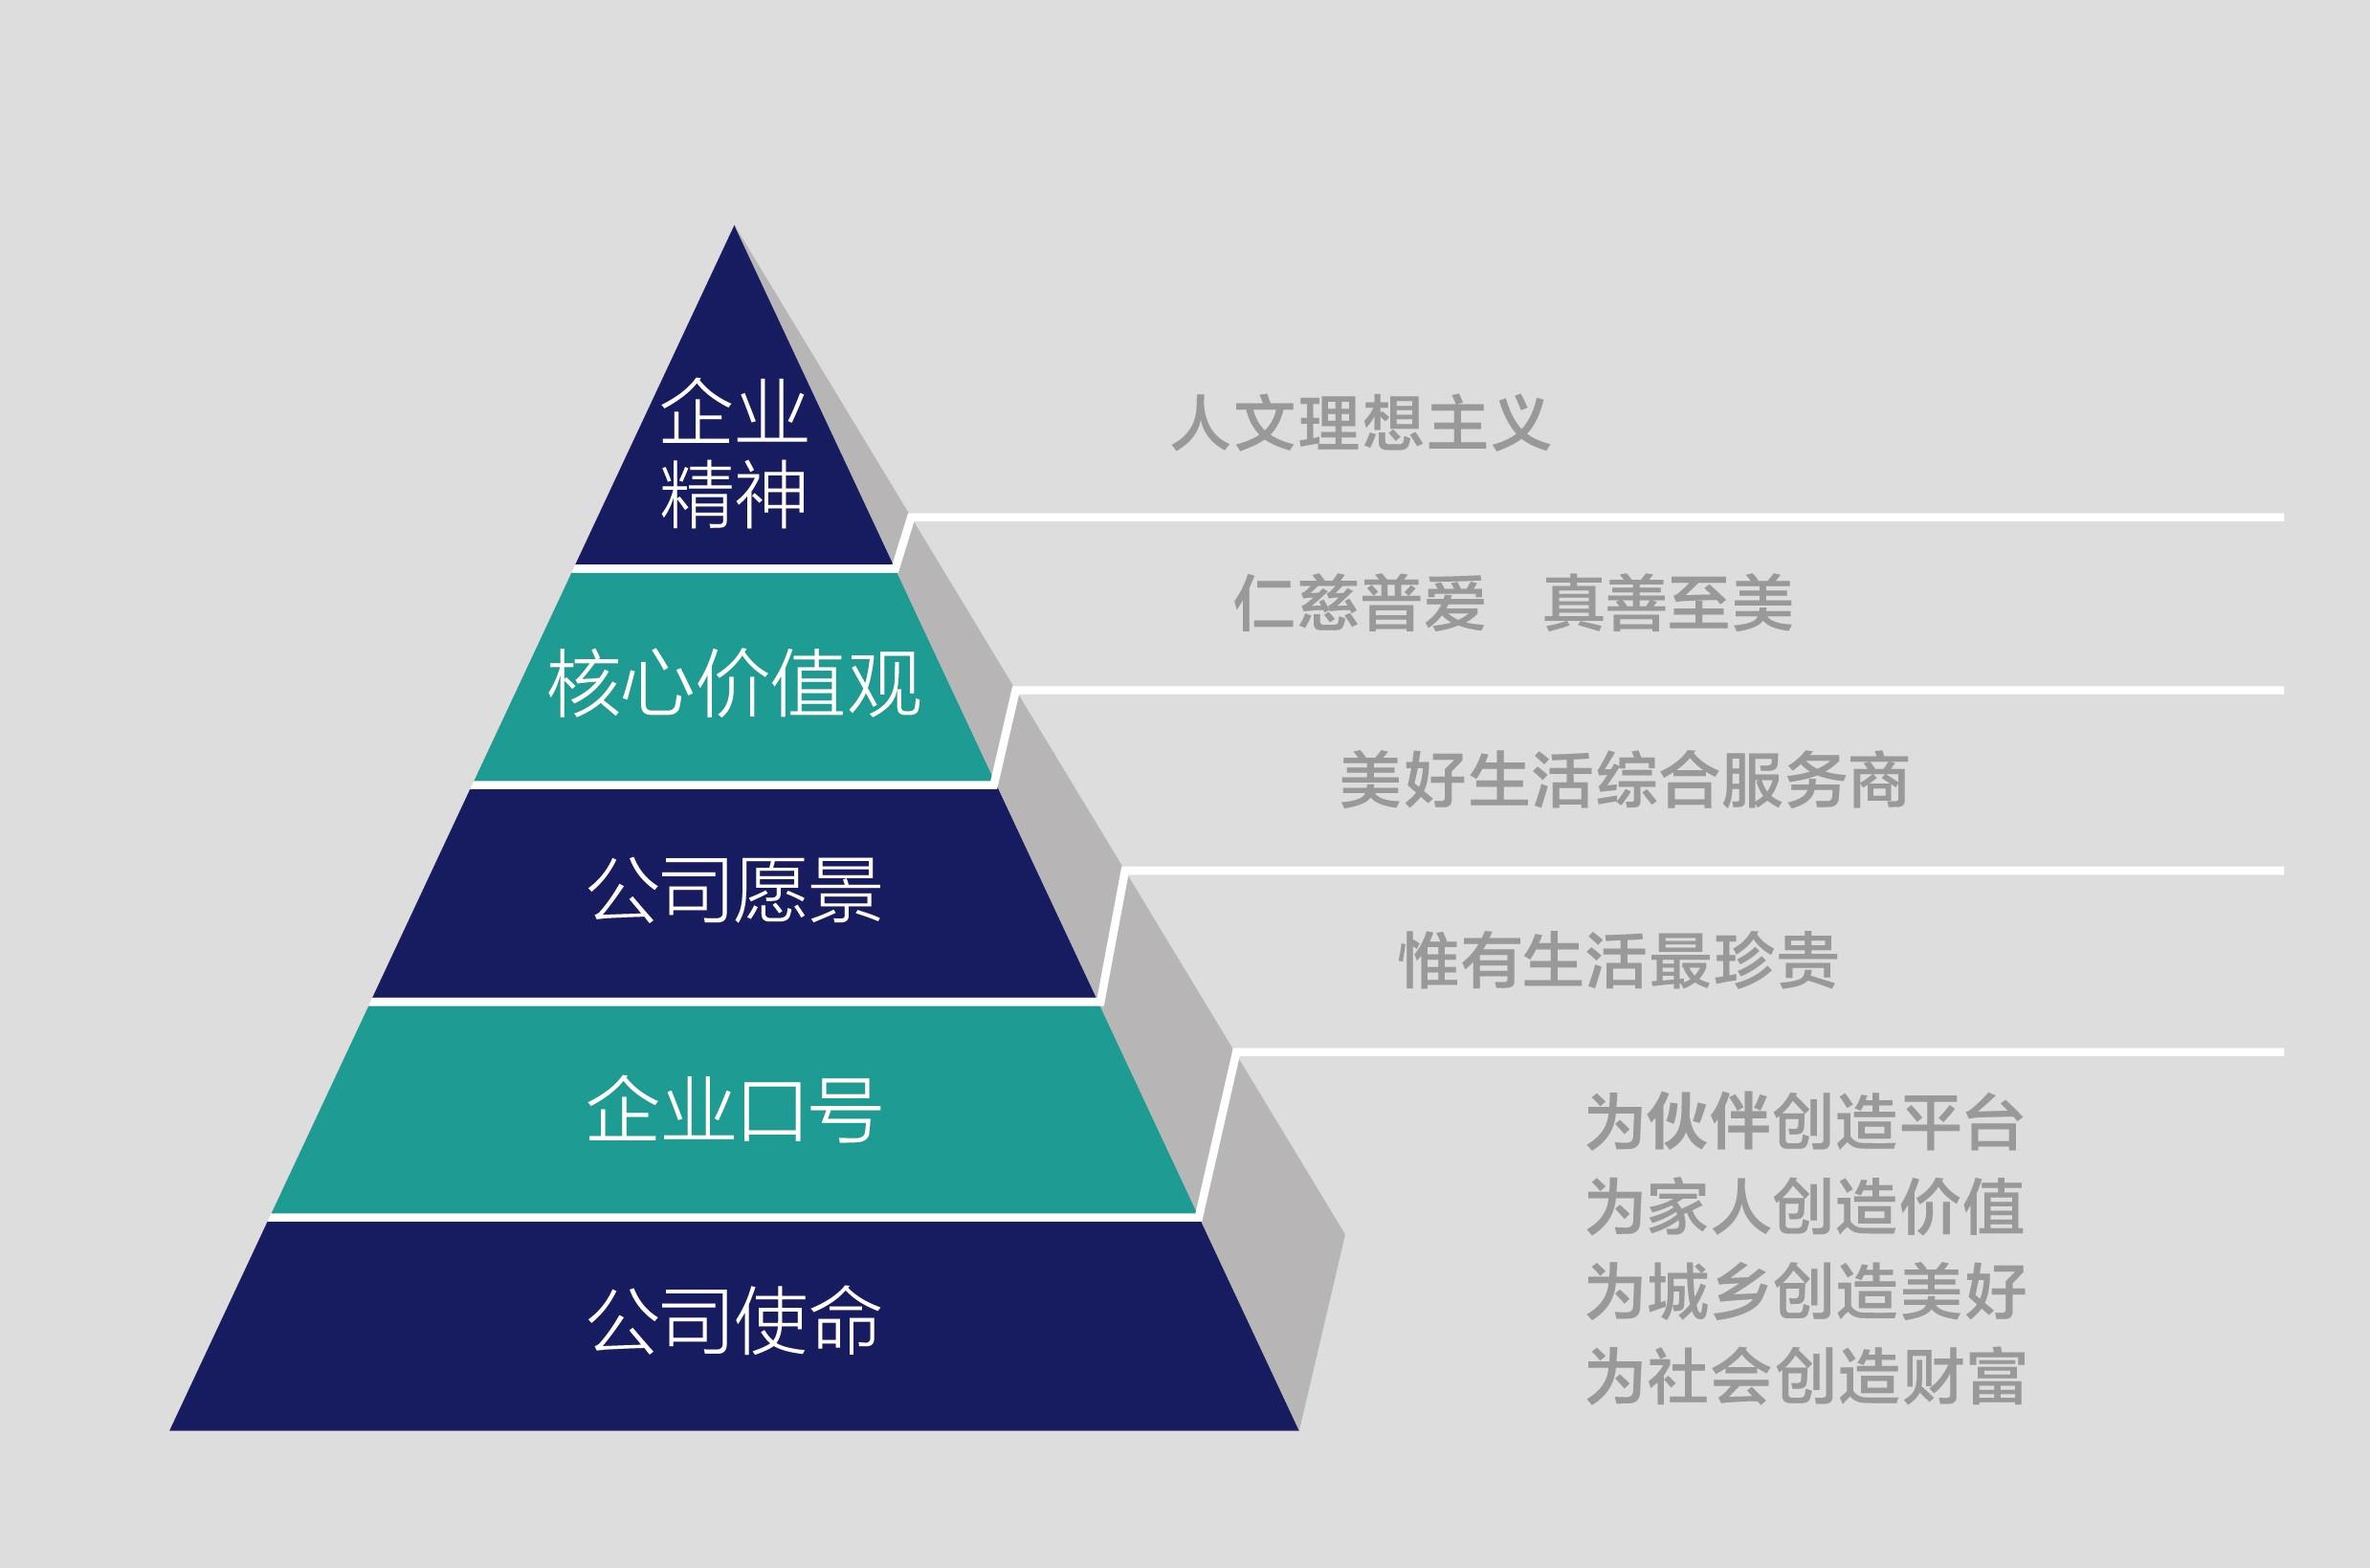 企业文化图_20200327160256.jpg